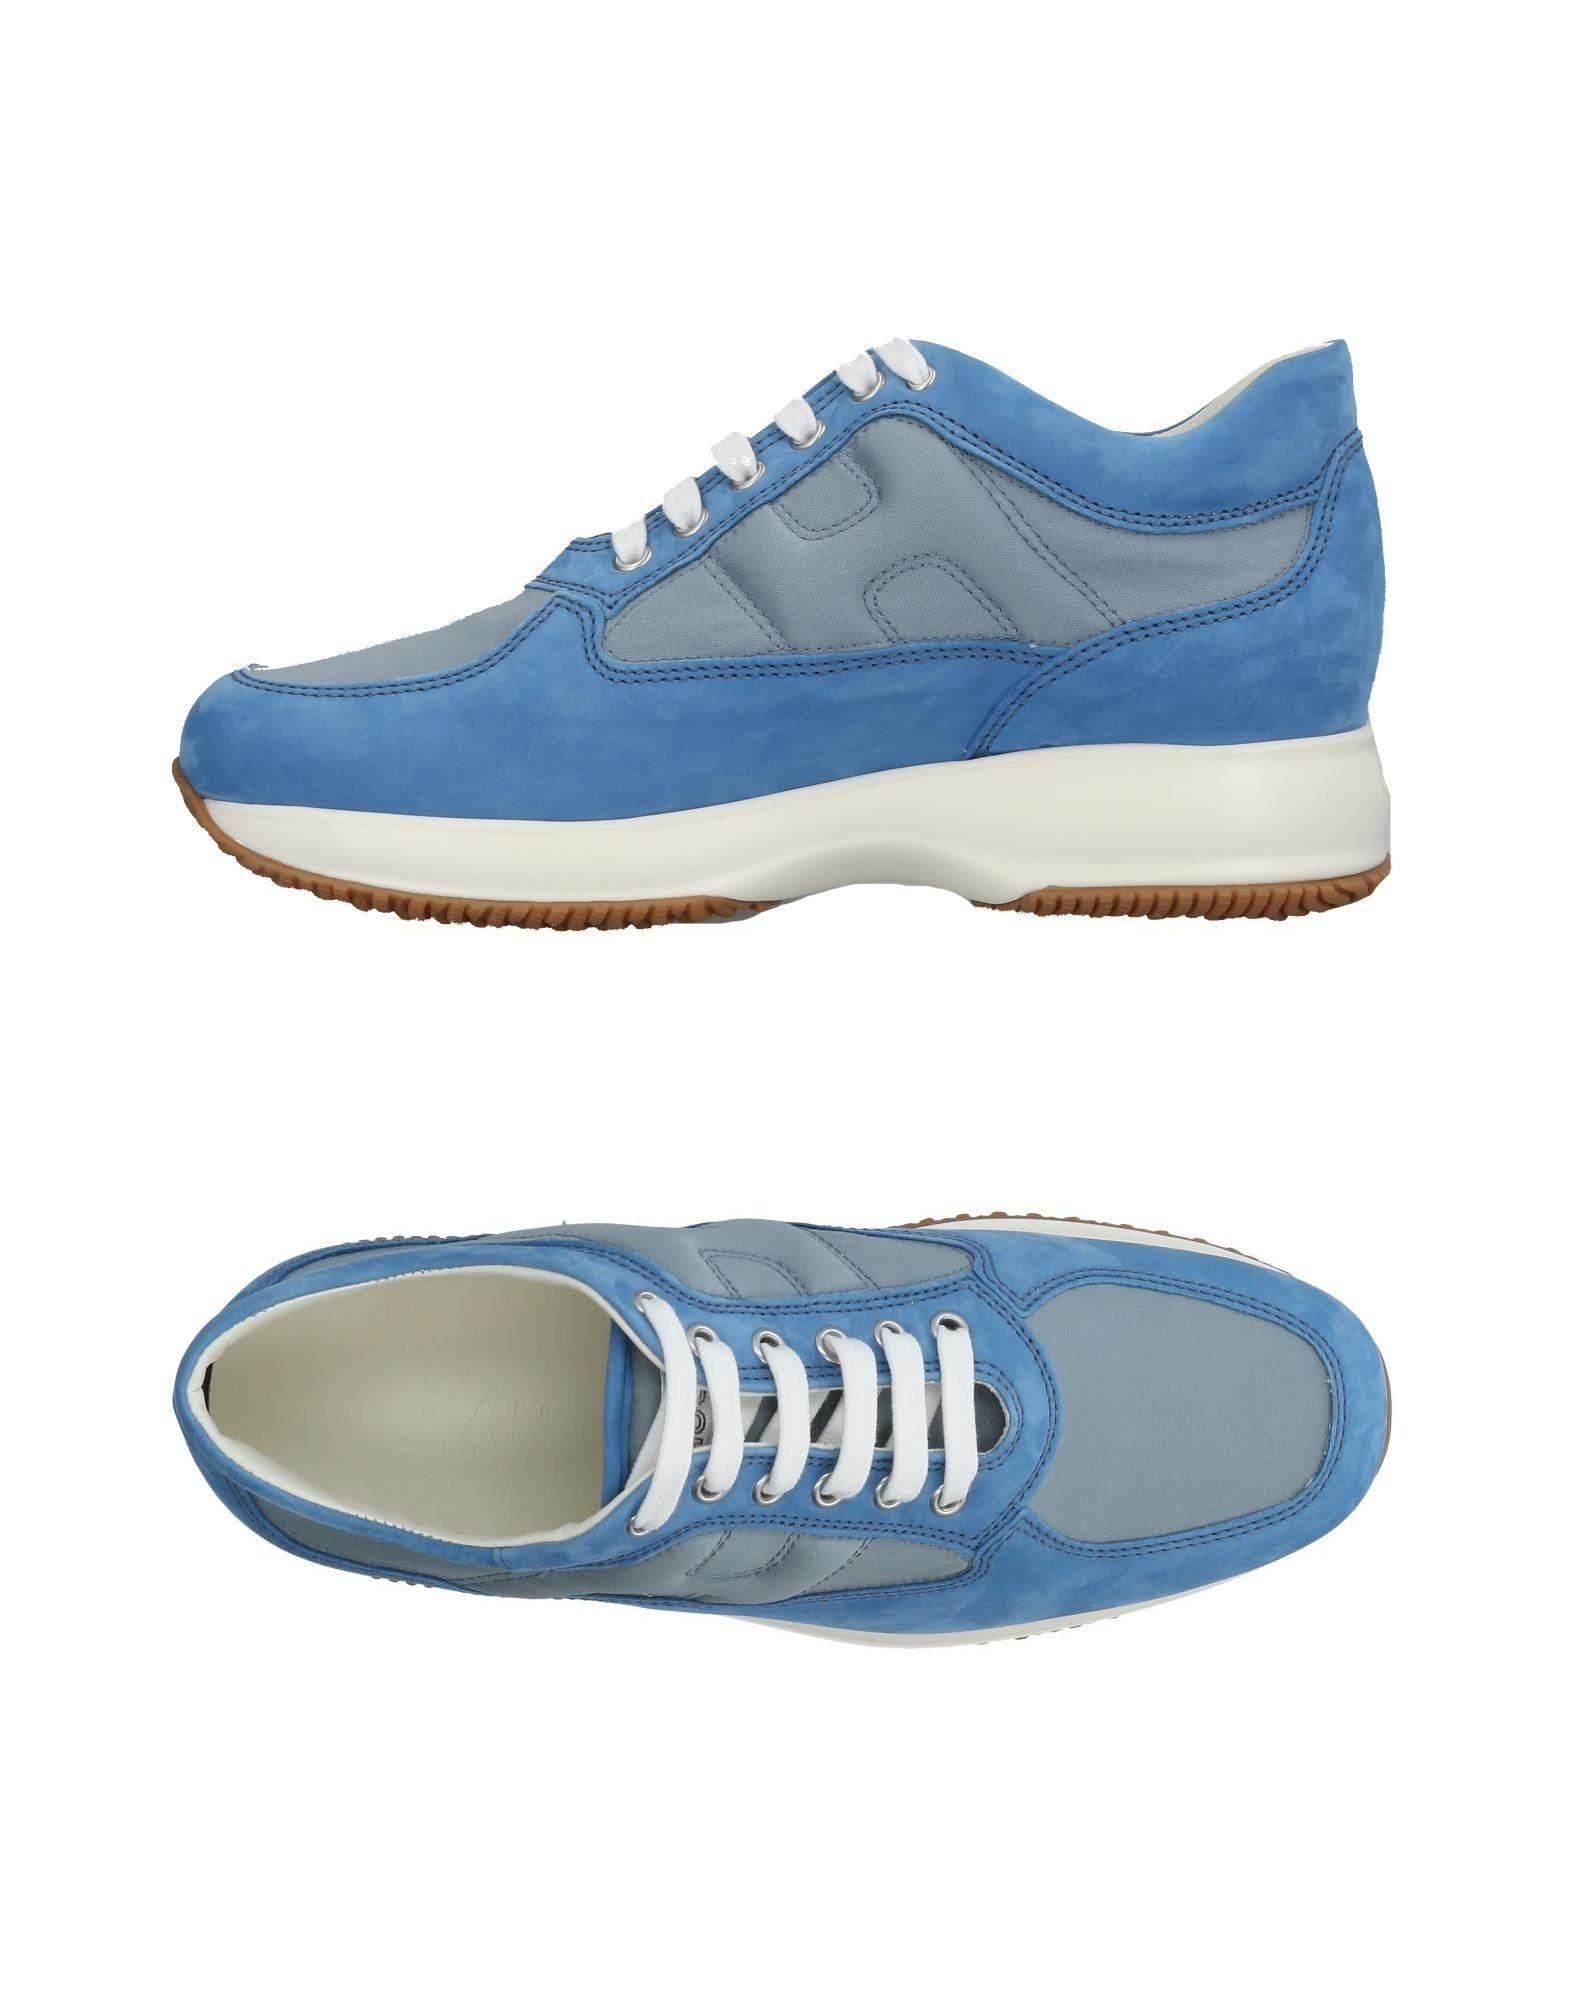 Sneakers Change Donna - 11459912JS Scarpe economiche e buone